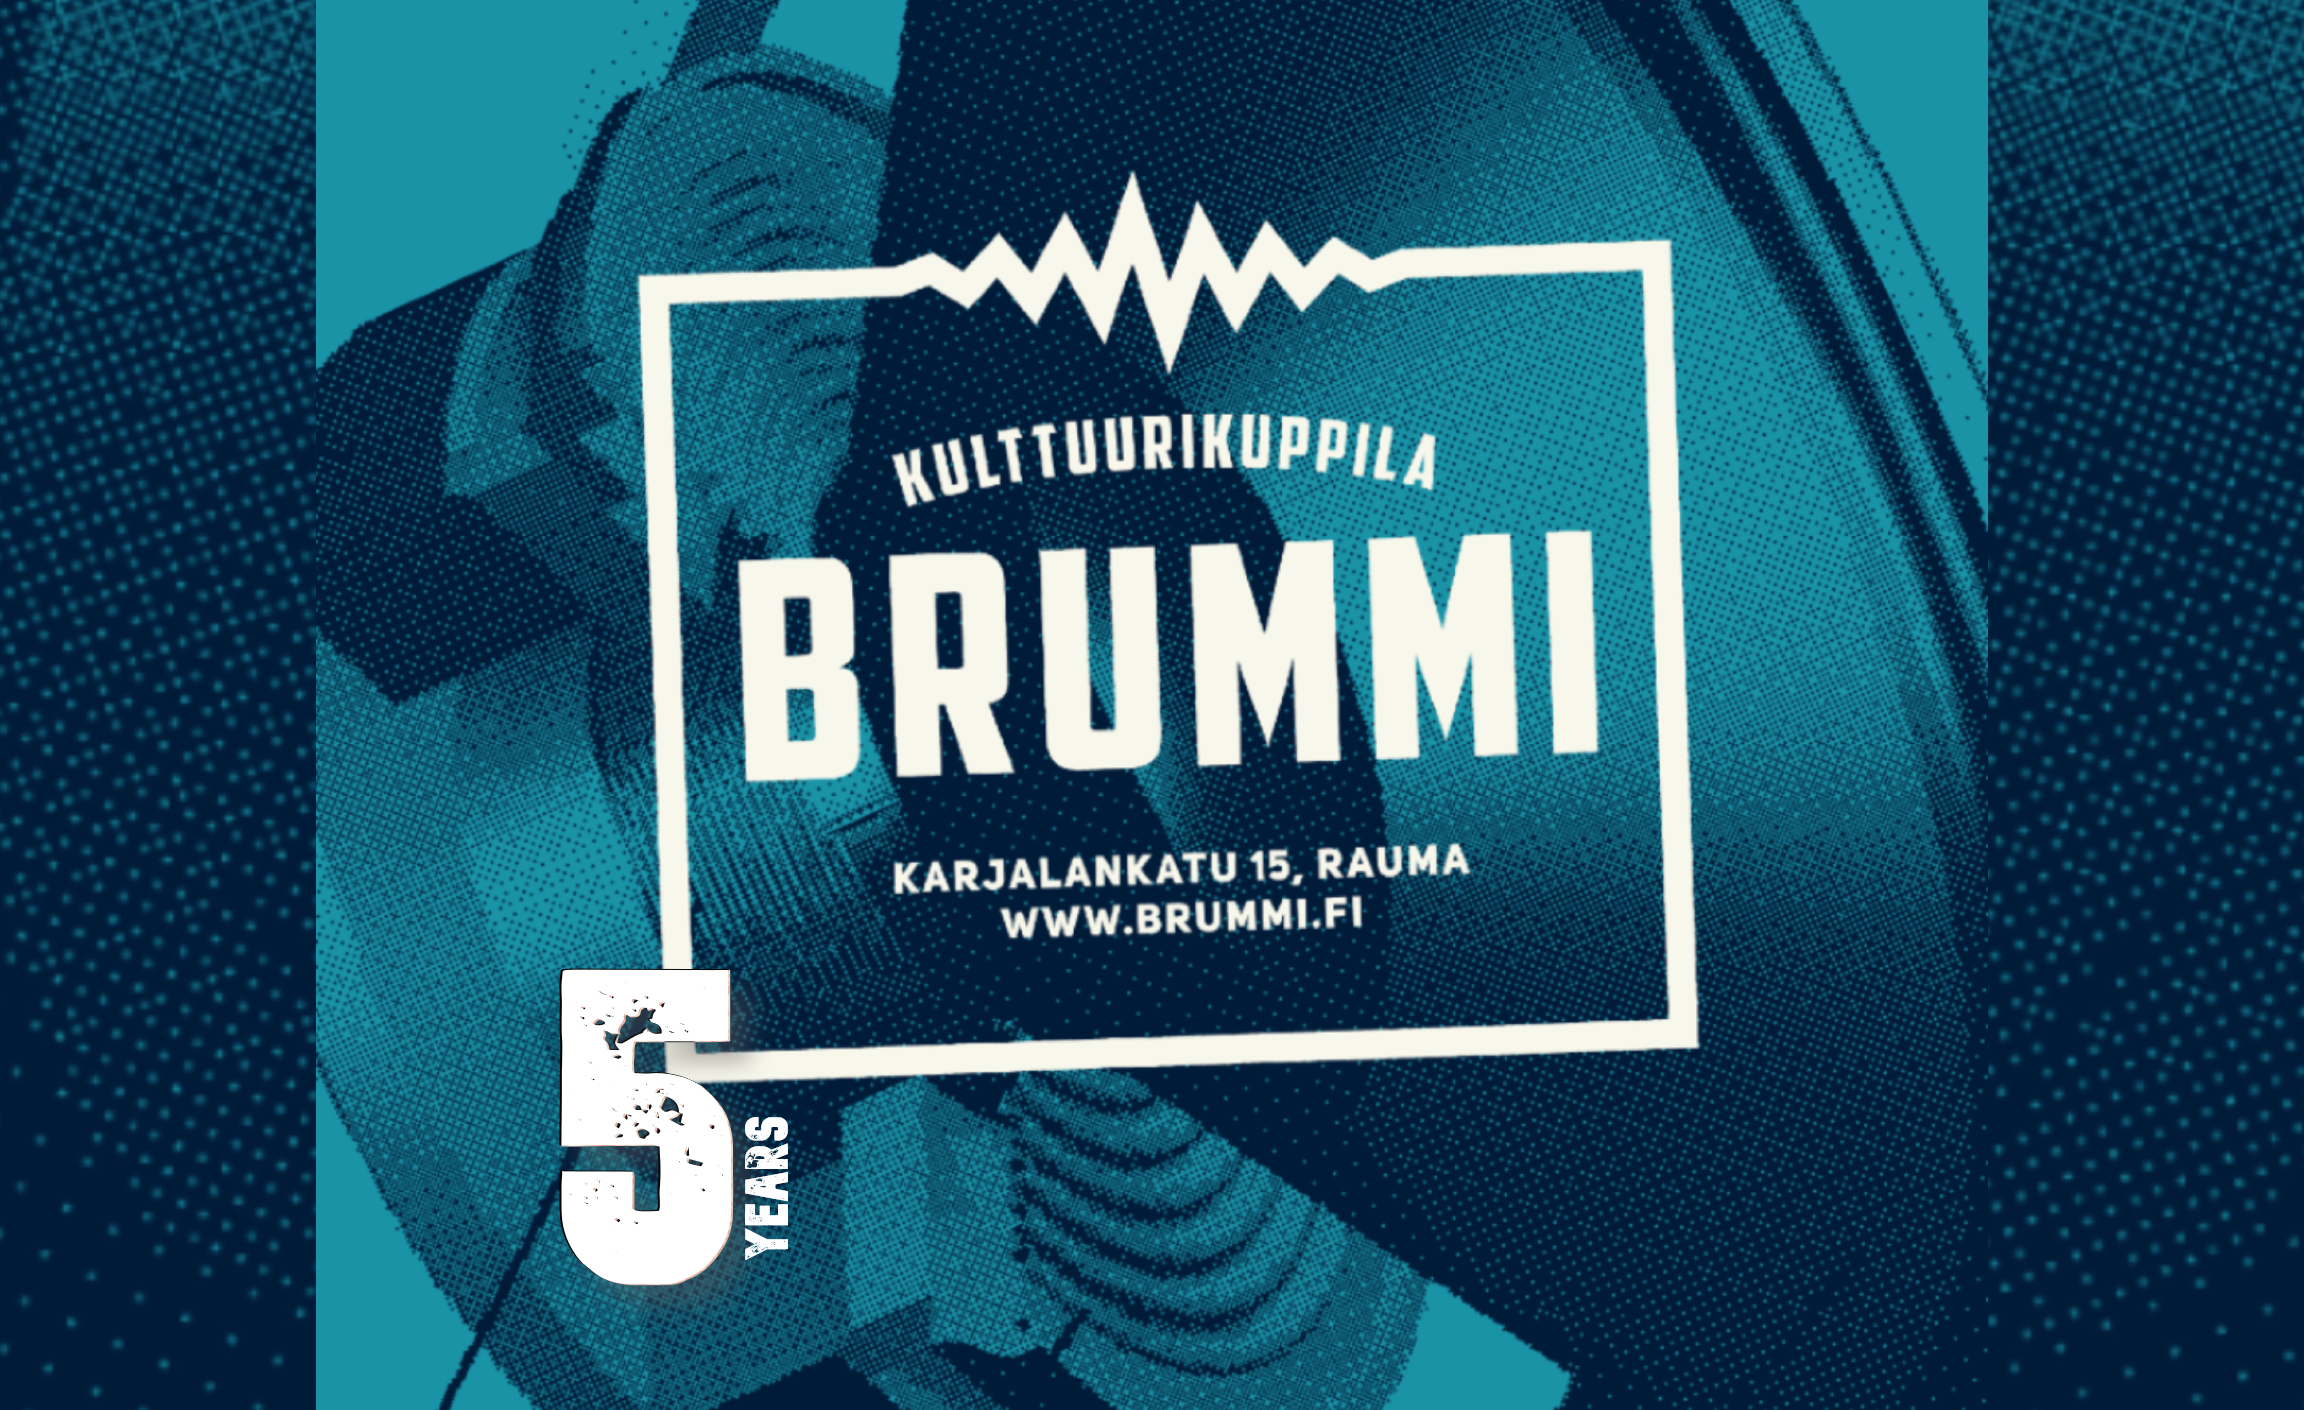 Kulttuurikuppila Brummi